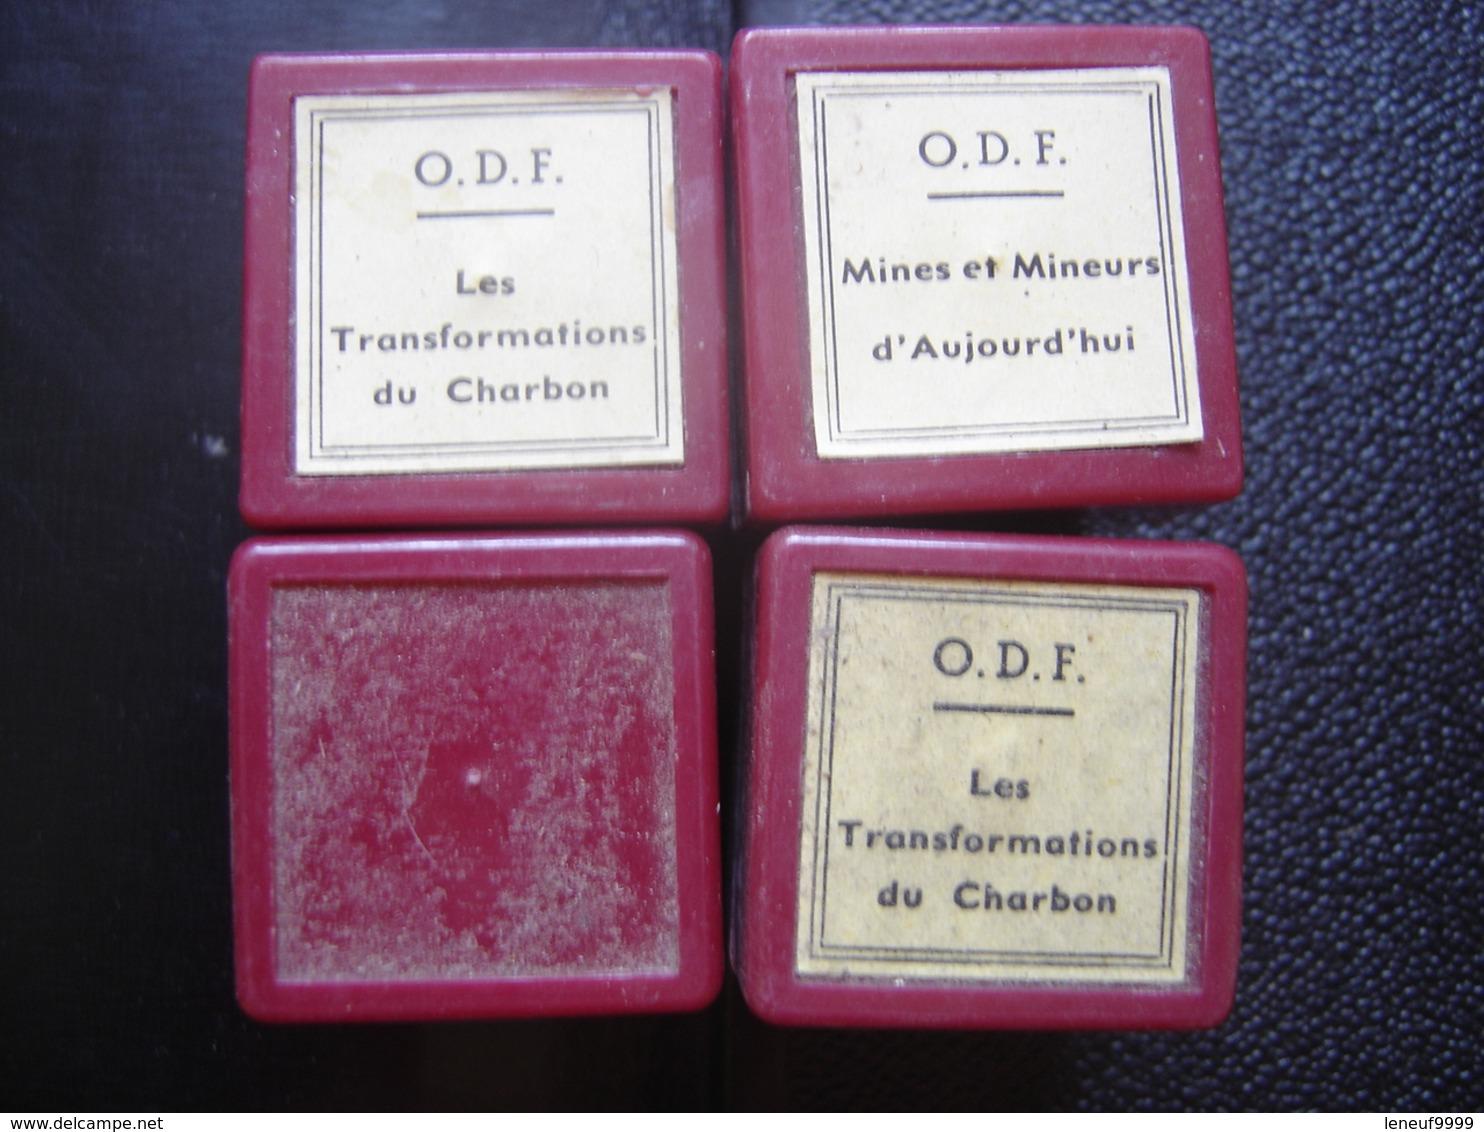 Lot FILM FIXE 35mm CHARBON Mines Mineurs - Bobines De Films: 35mm - 16mm - 9,5+8+S8mm